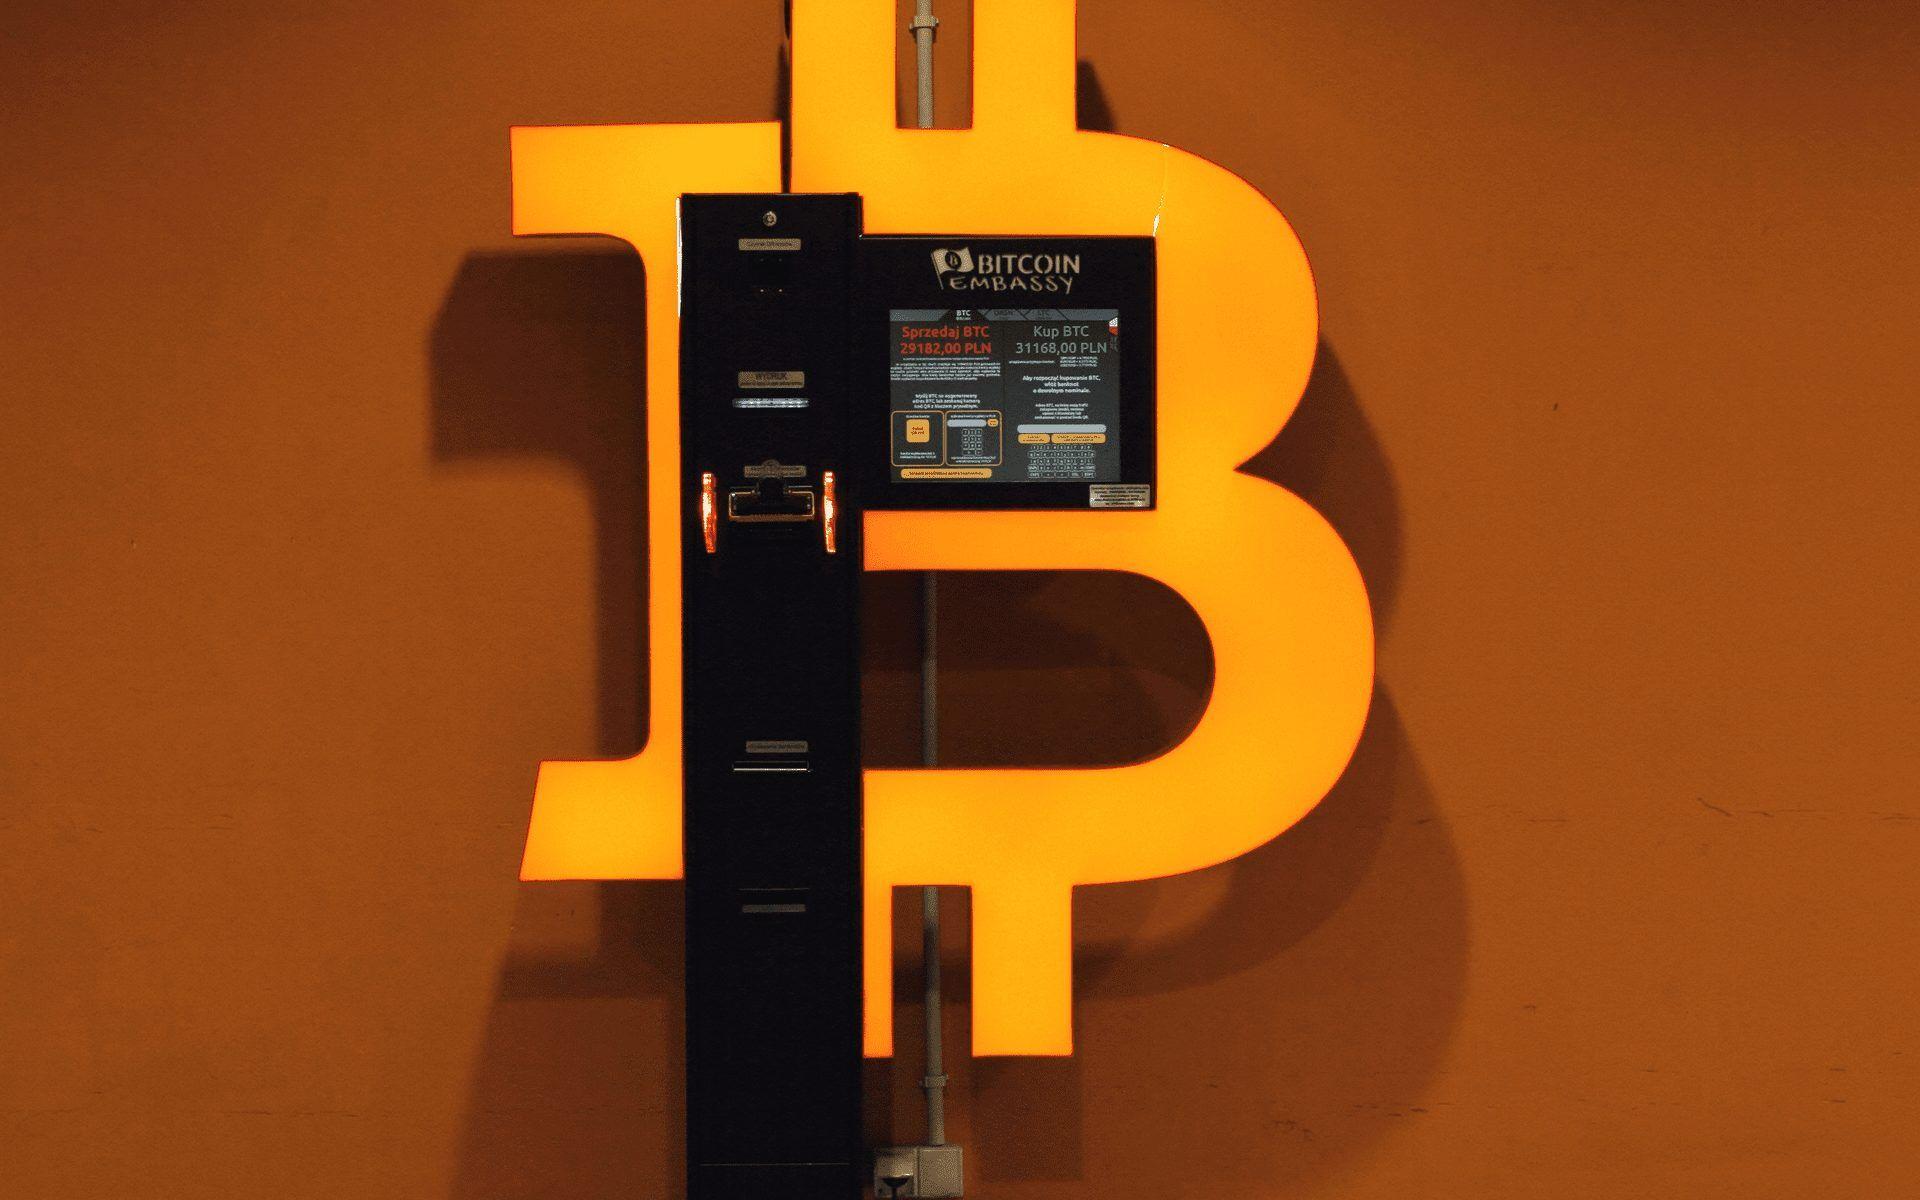 kup bitcoin)